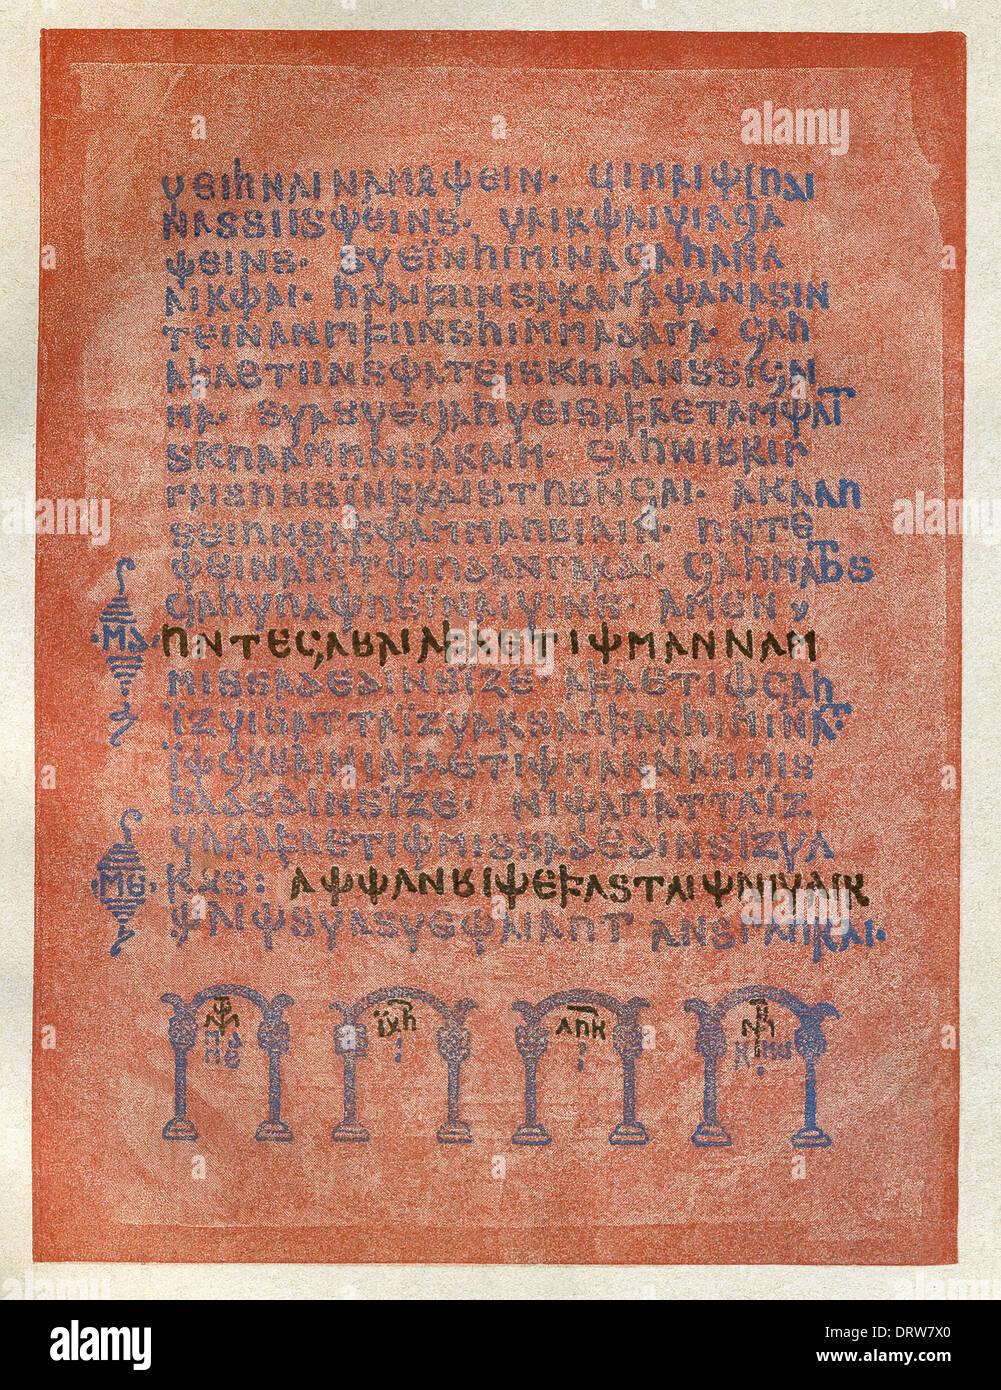 Eine Kopie einer Seite des Codex Argenteus auf Ausstellung im Carolina Rediviva Libaray an der Universität Upsala in Schweden Stockfoto